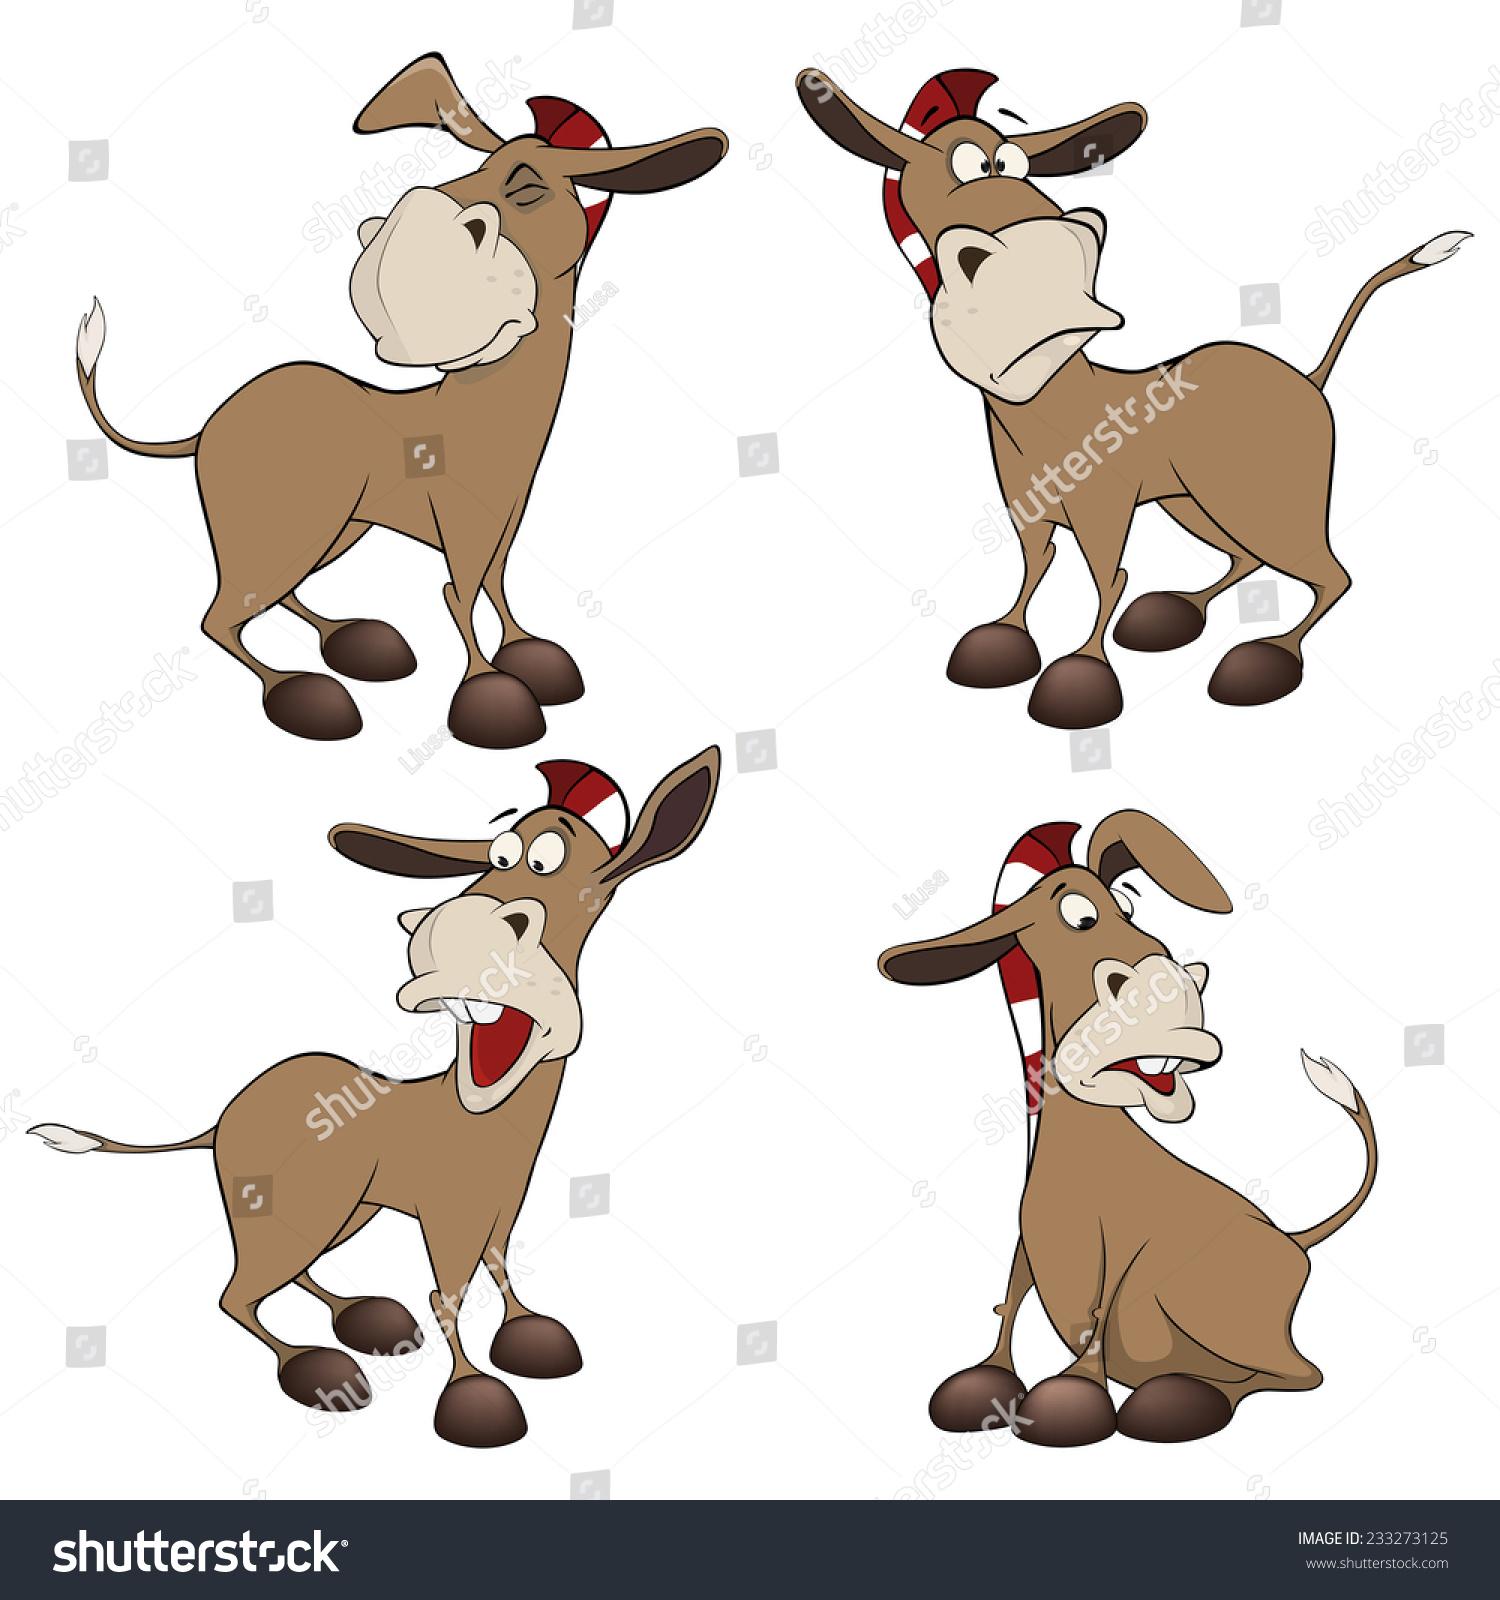 驴子的卡通-动物/野生生物